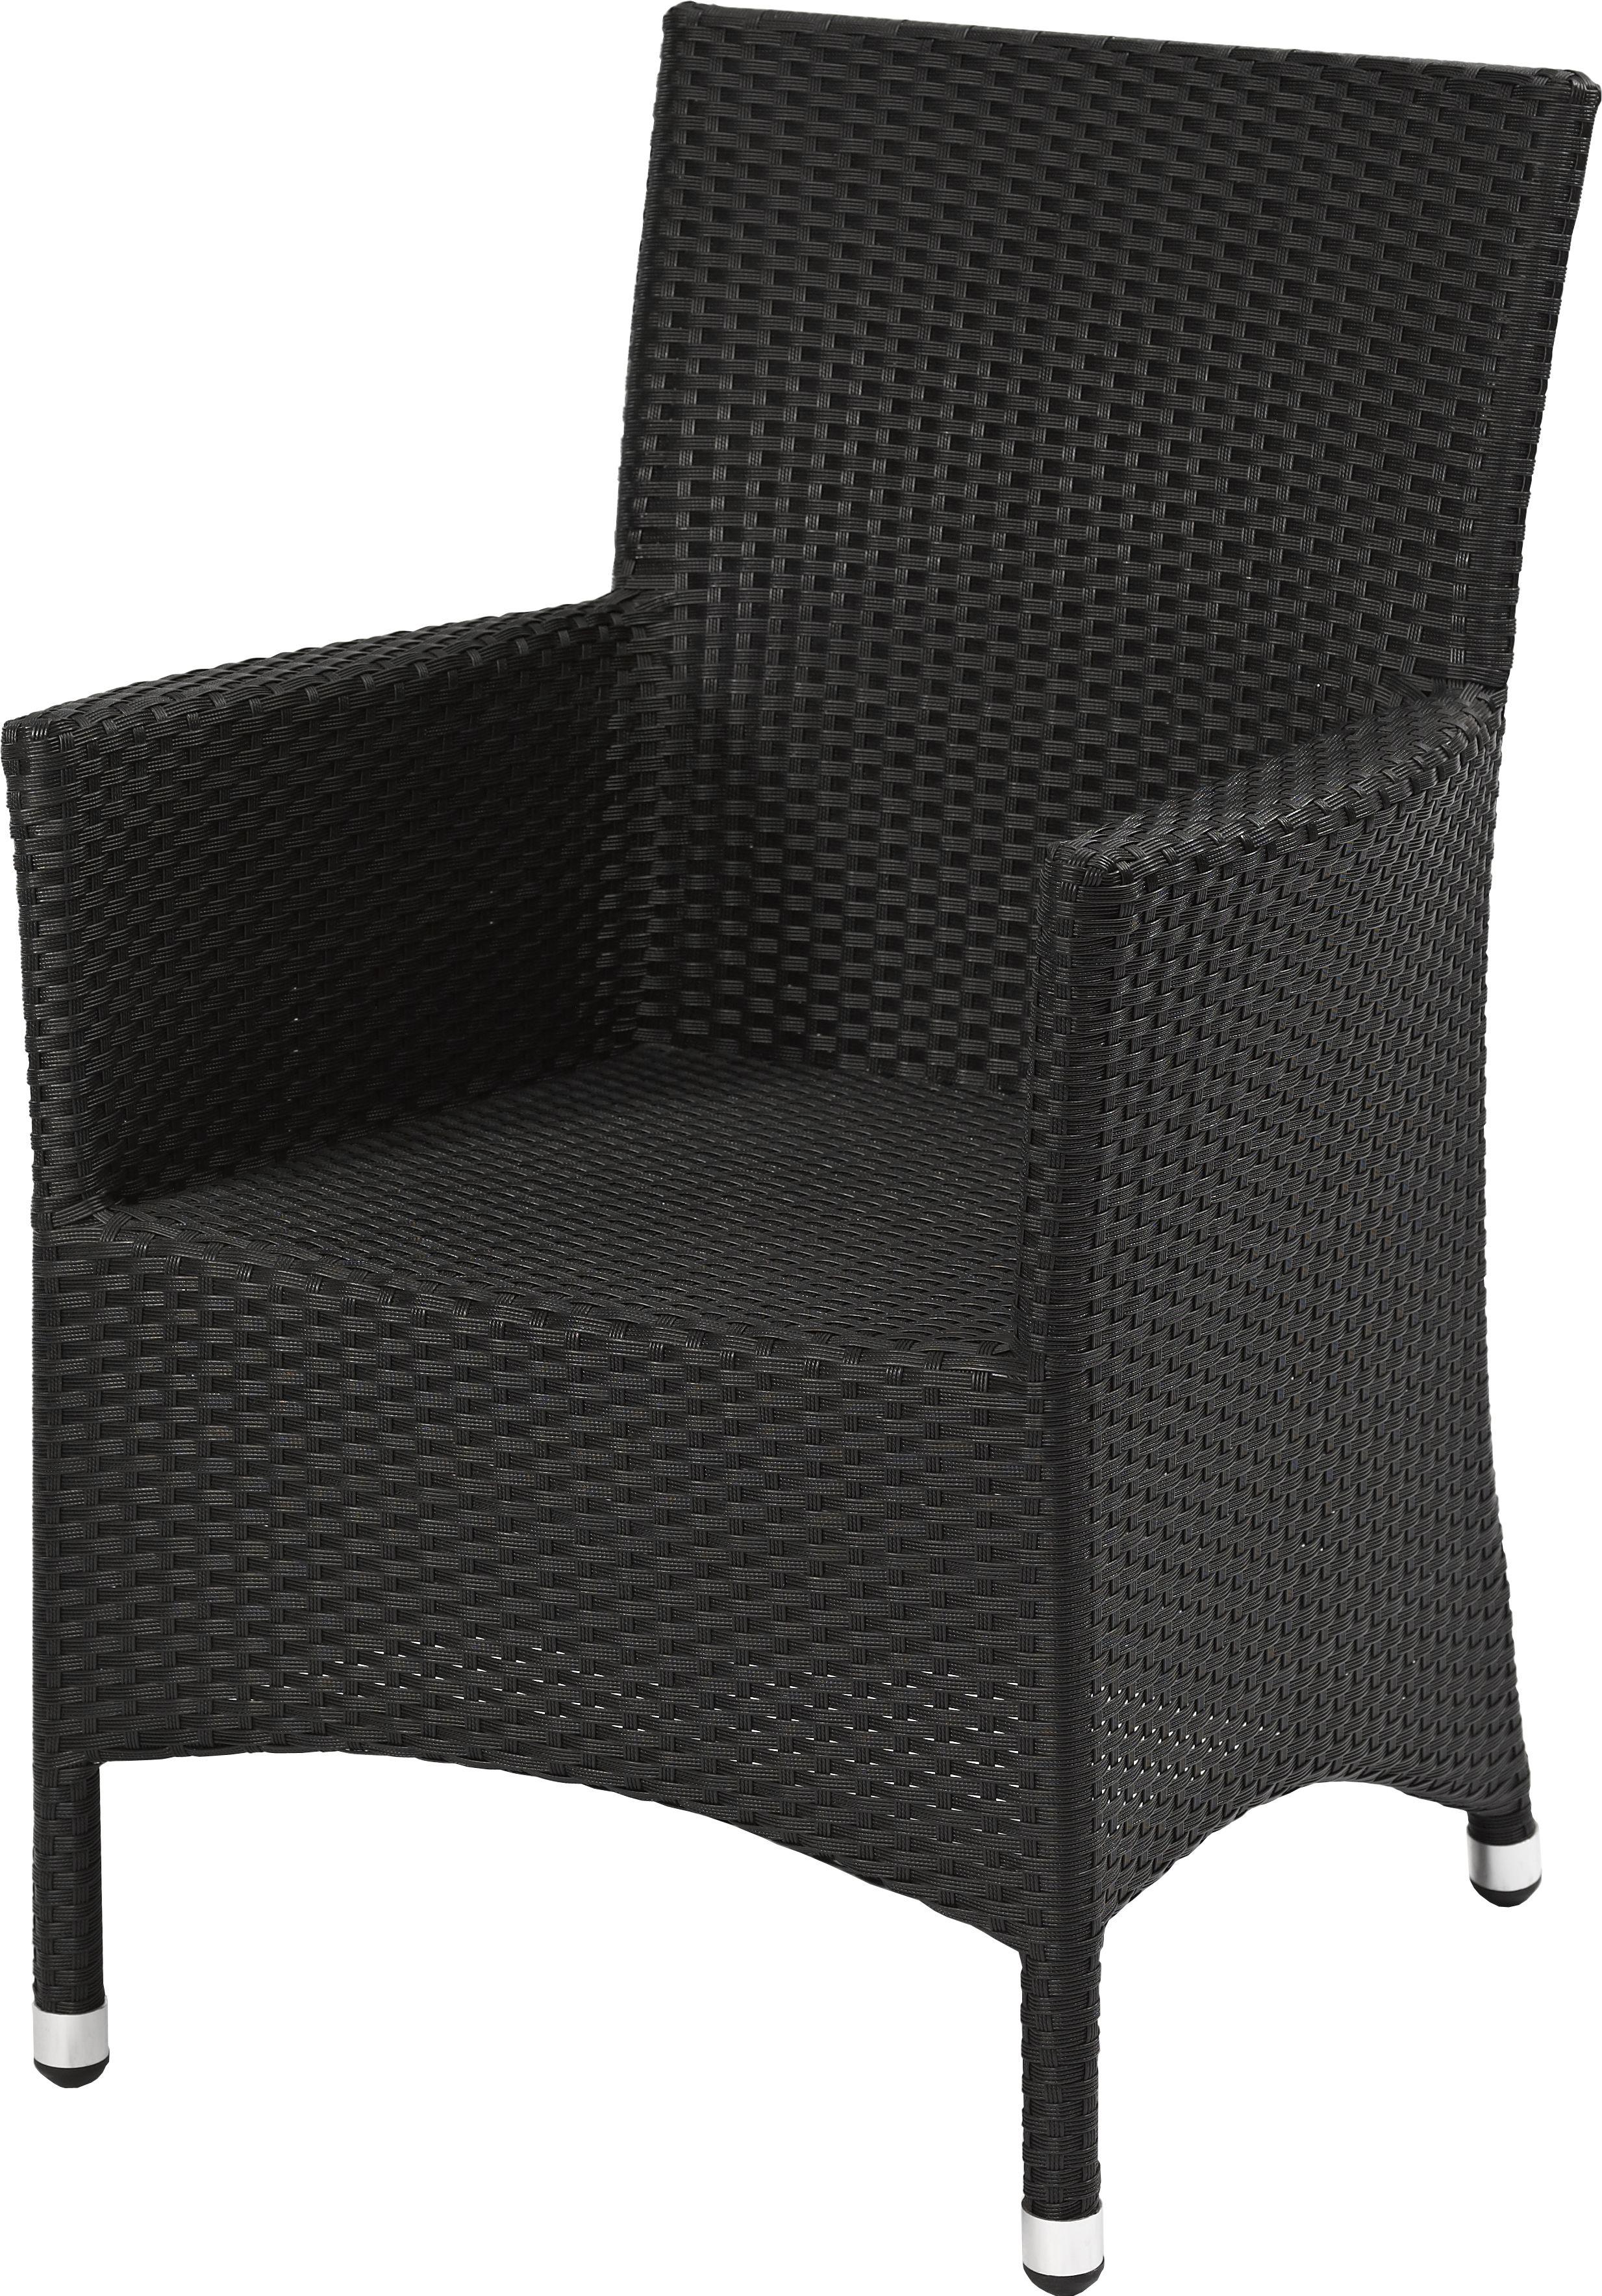 terrassenstuhl lounge sessel mira seegrassoptik schwarz g nstig m bel star. Black Bedroom Furniture Sets. Home Design Ideas